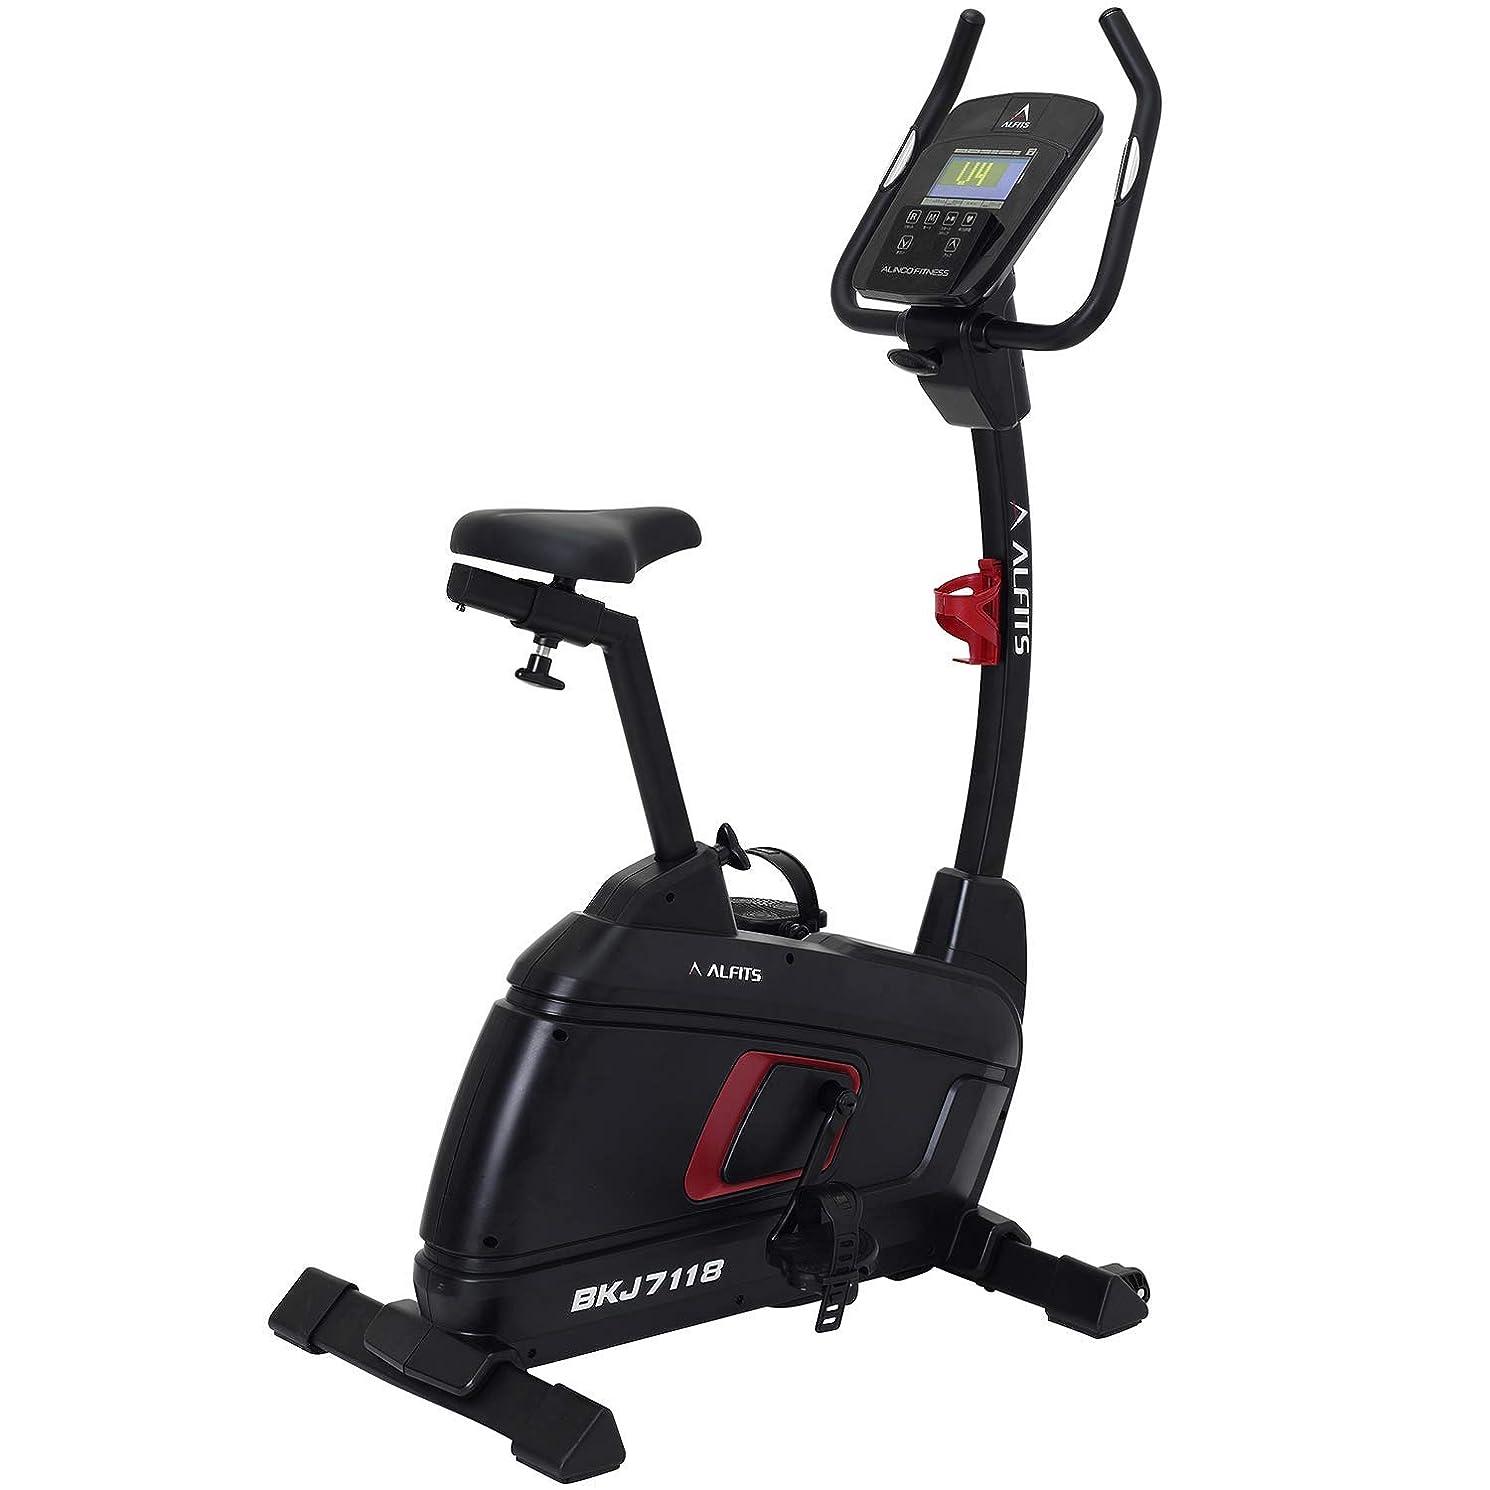 ベスビオ山リットル魅了するALINCO(アルインコ) フィットネスバイク プログラムバイク LUXE 負荷調節24段階 体脂肪?心拍数測定 12種プログラムモード ハンドルサドル調節可 キャスター付き BKJ7118